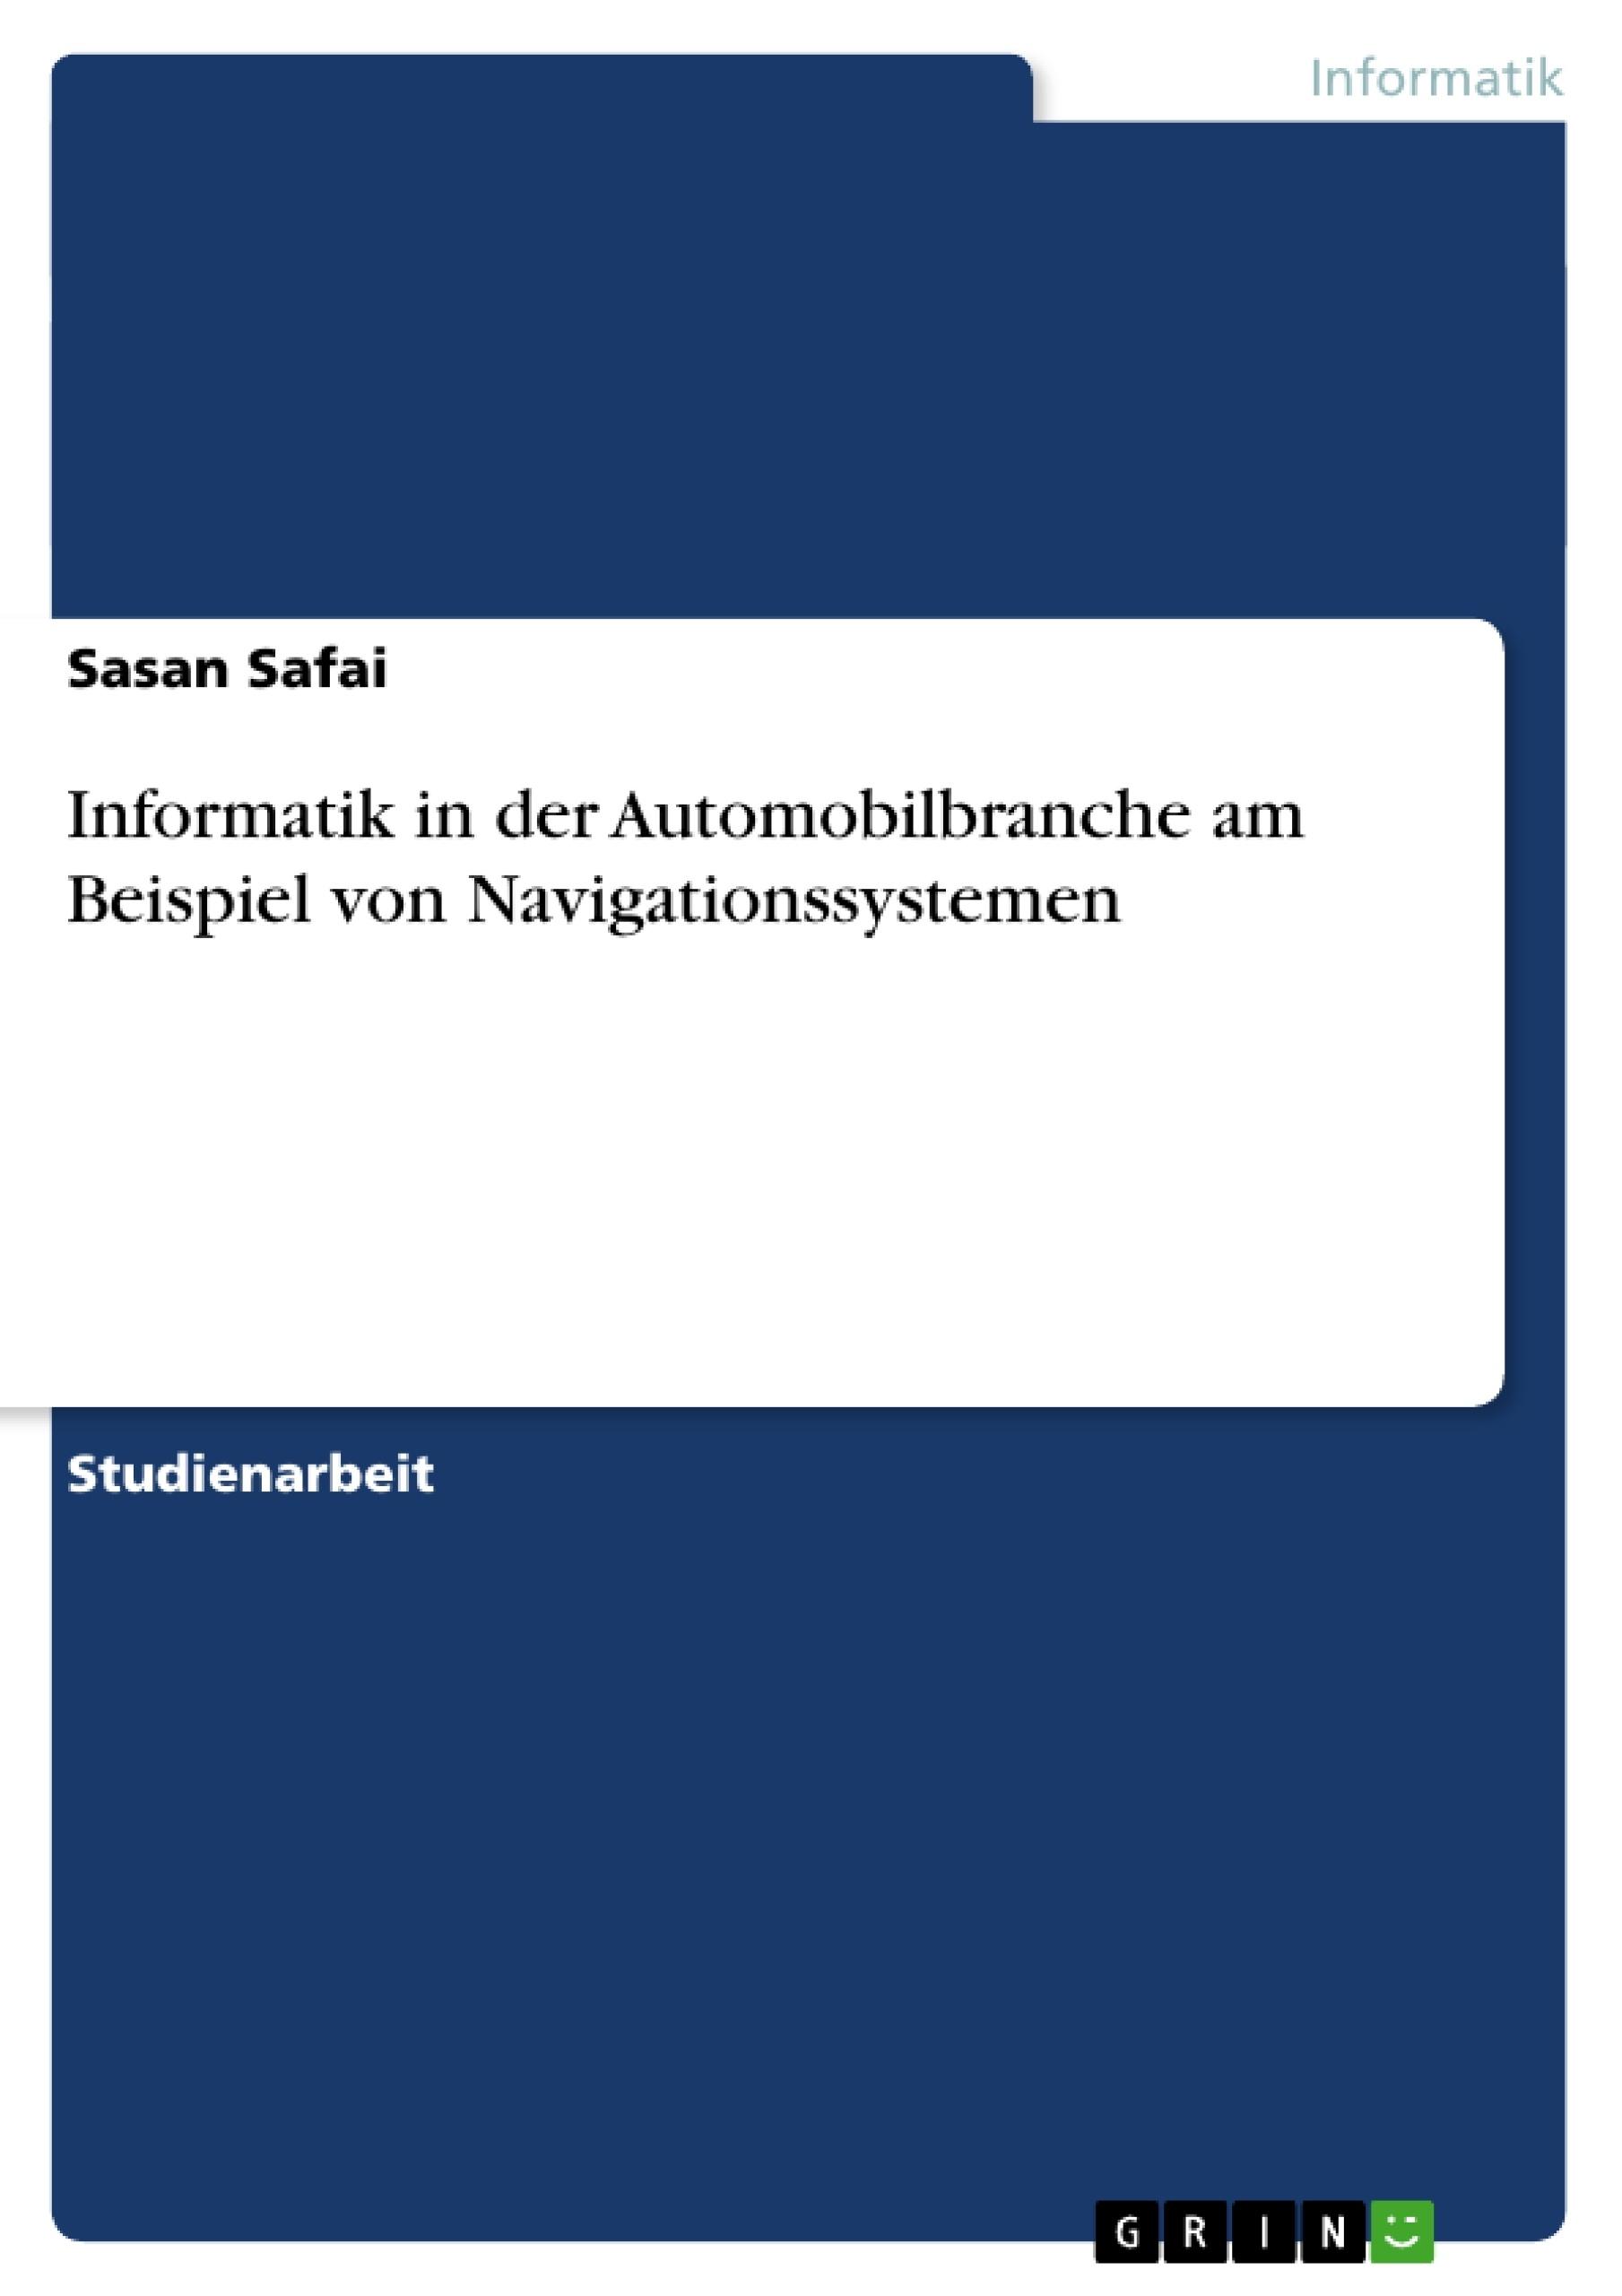 Titel: Informatik in der Automobilbranche am Beispiel von Navigationssystemen